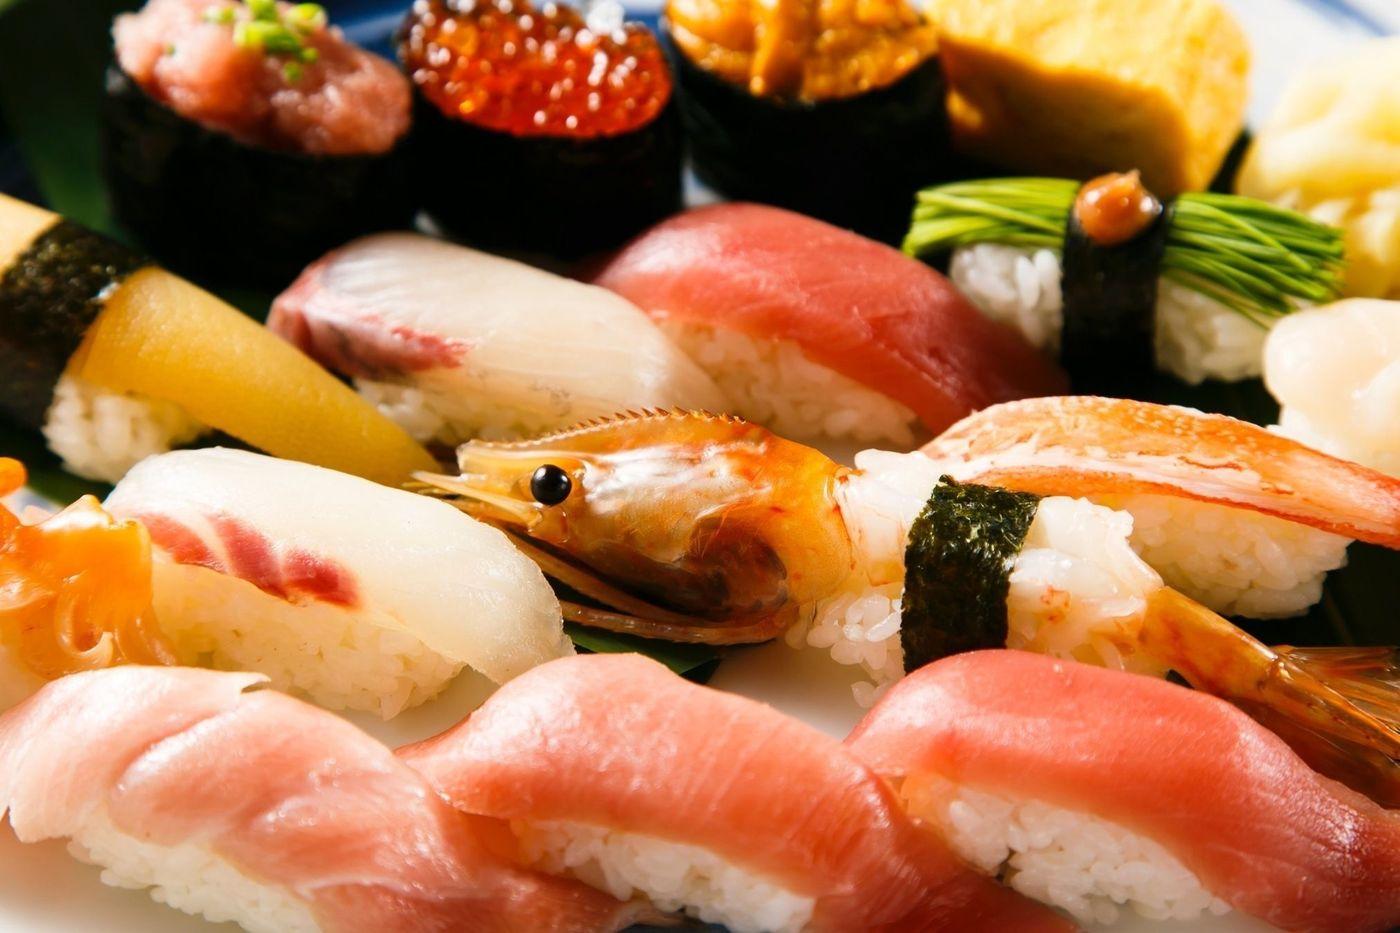 新宿で寿司をコスパ良く食べよう!食べ放題から高級店まで9選ご紹介の12枚目の画像の画像